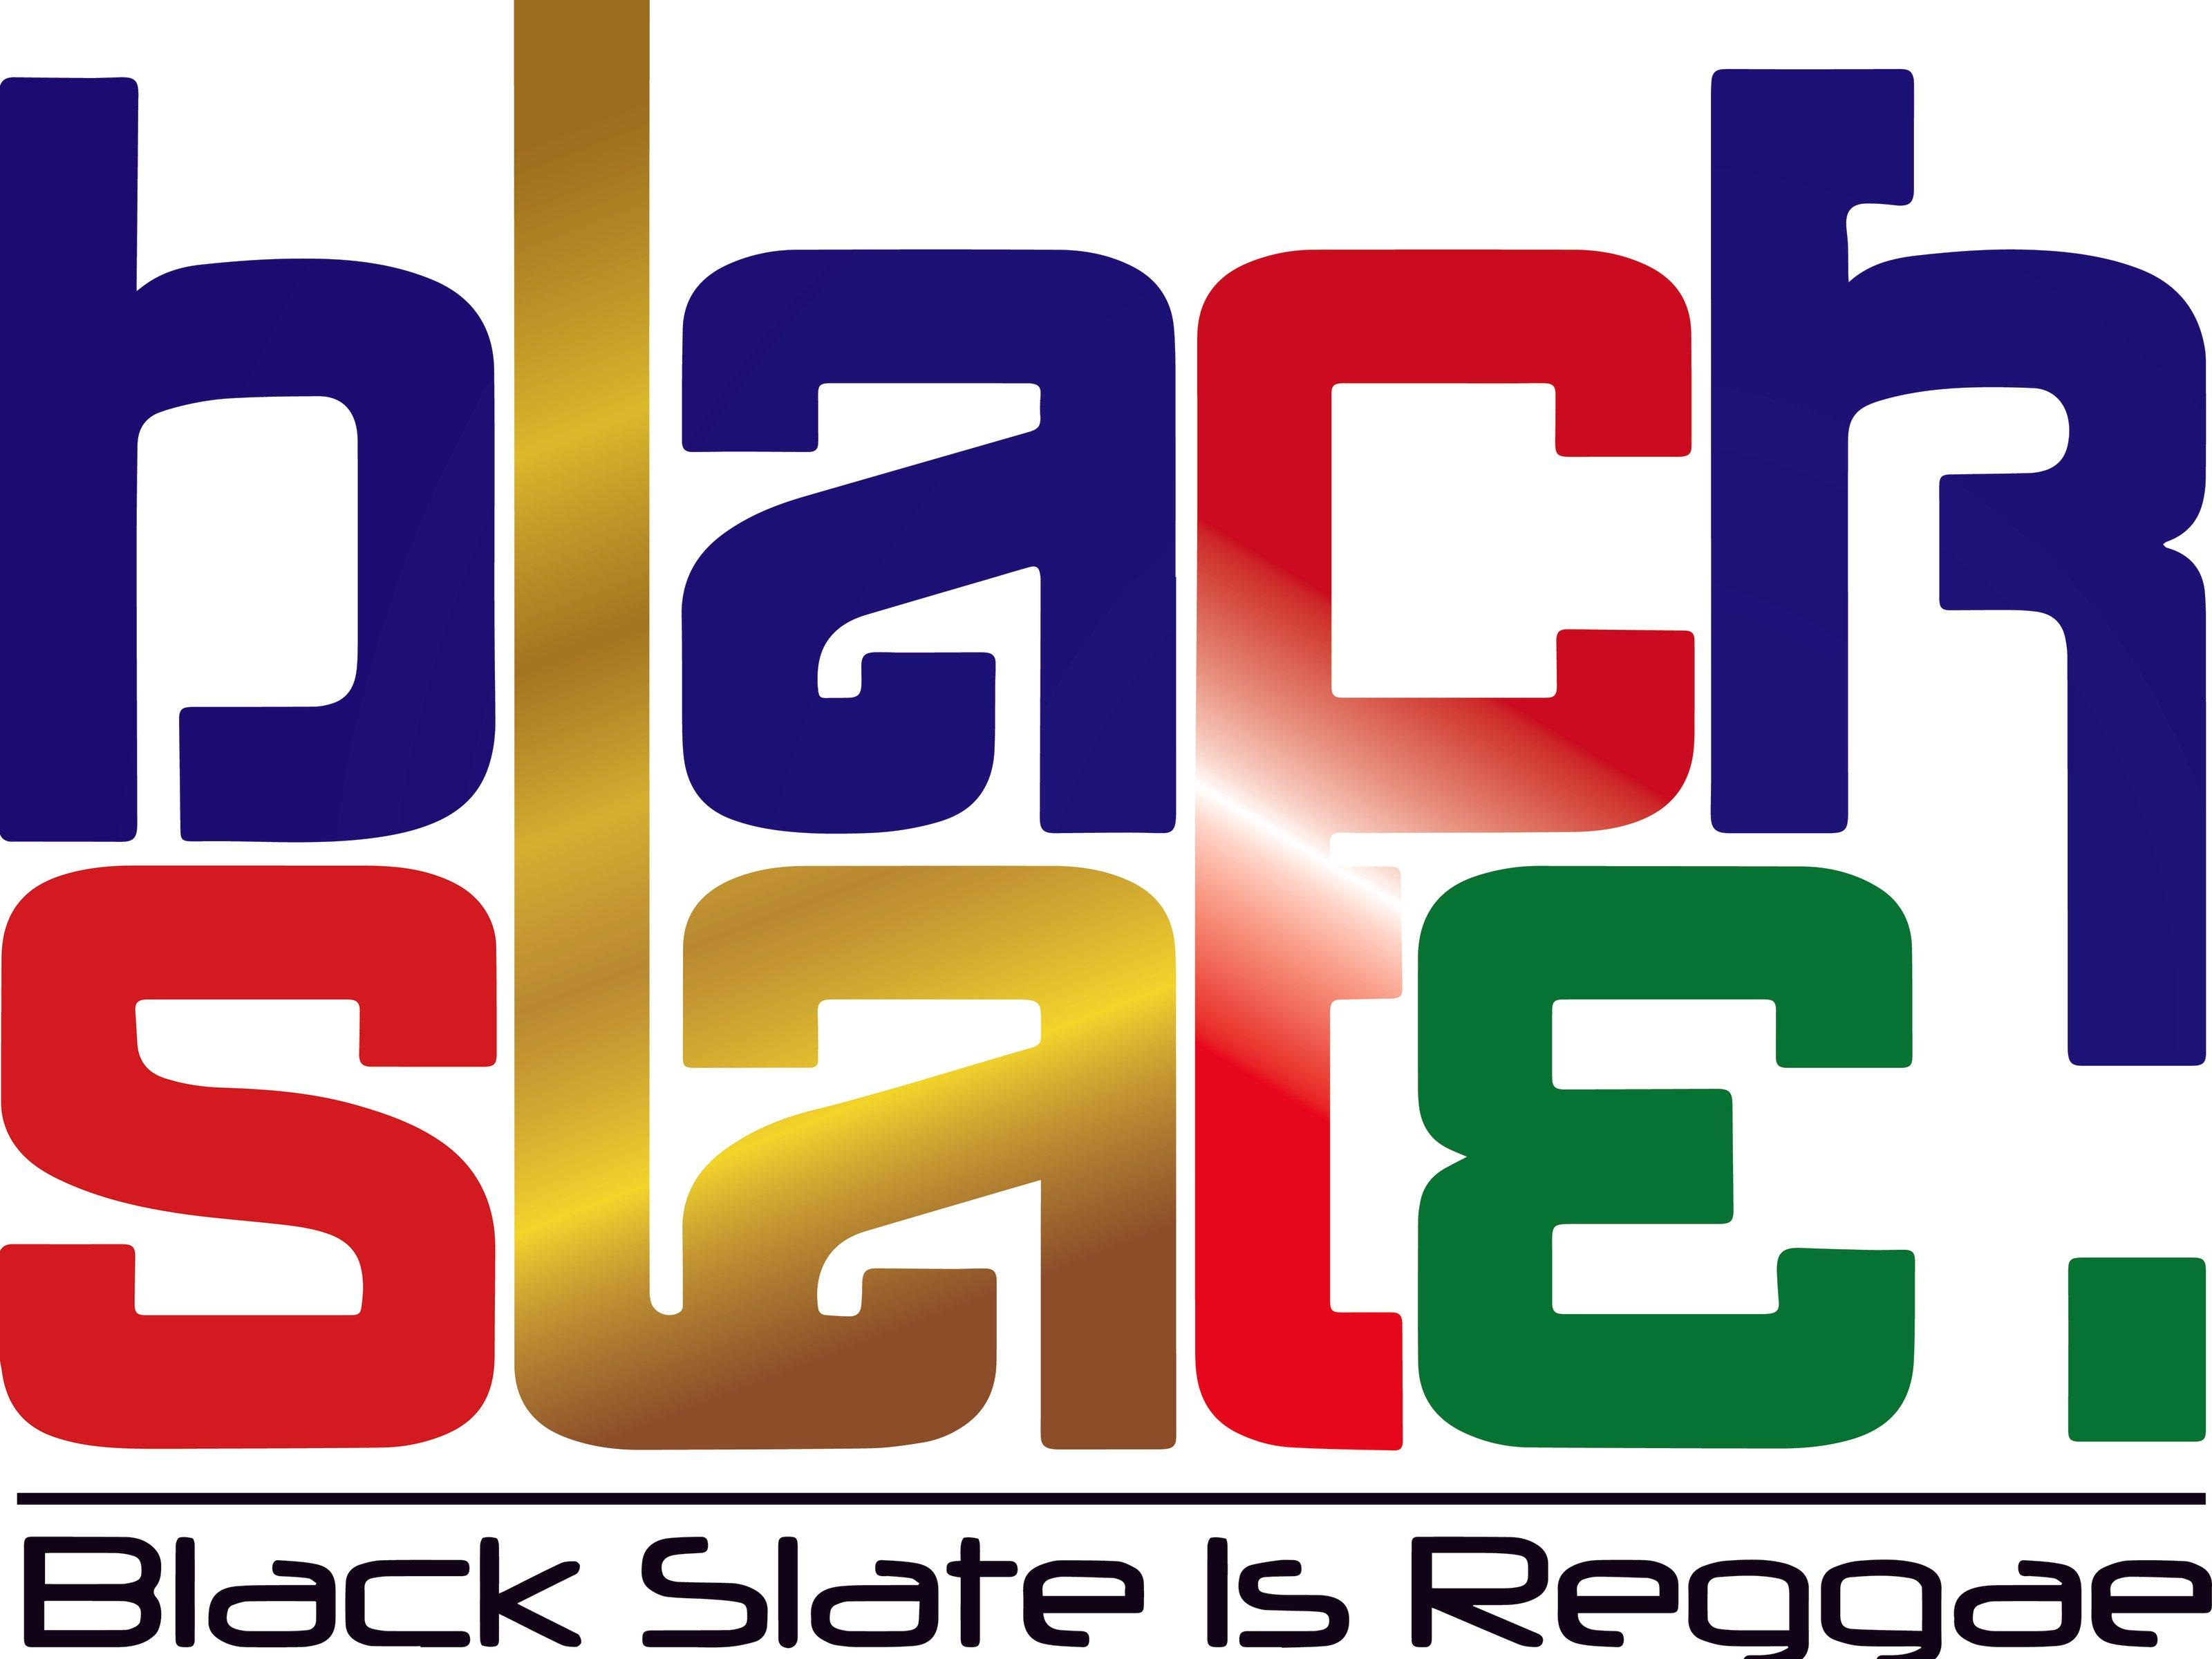 Image for Black Slate